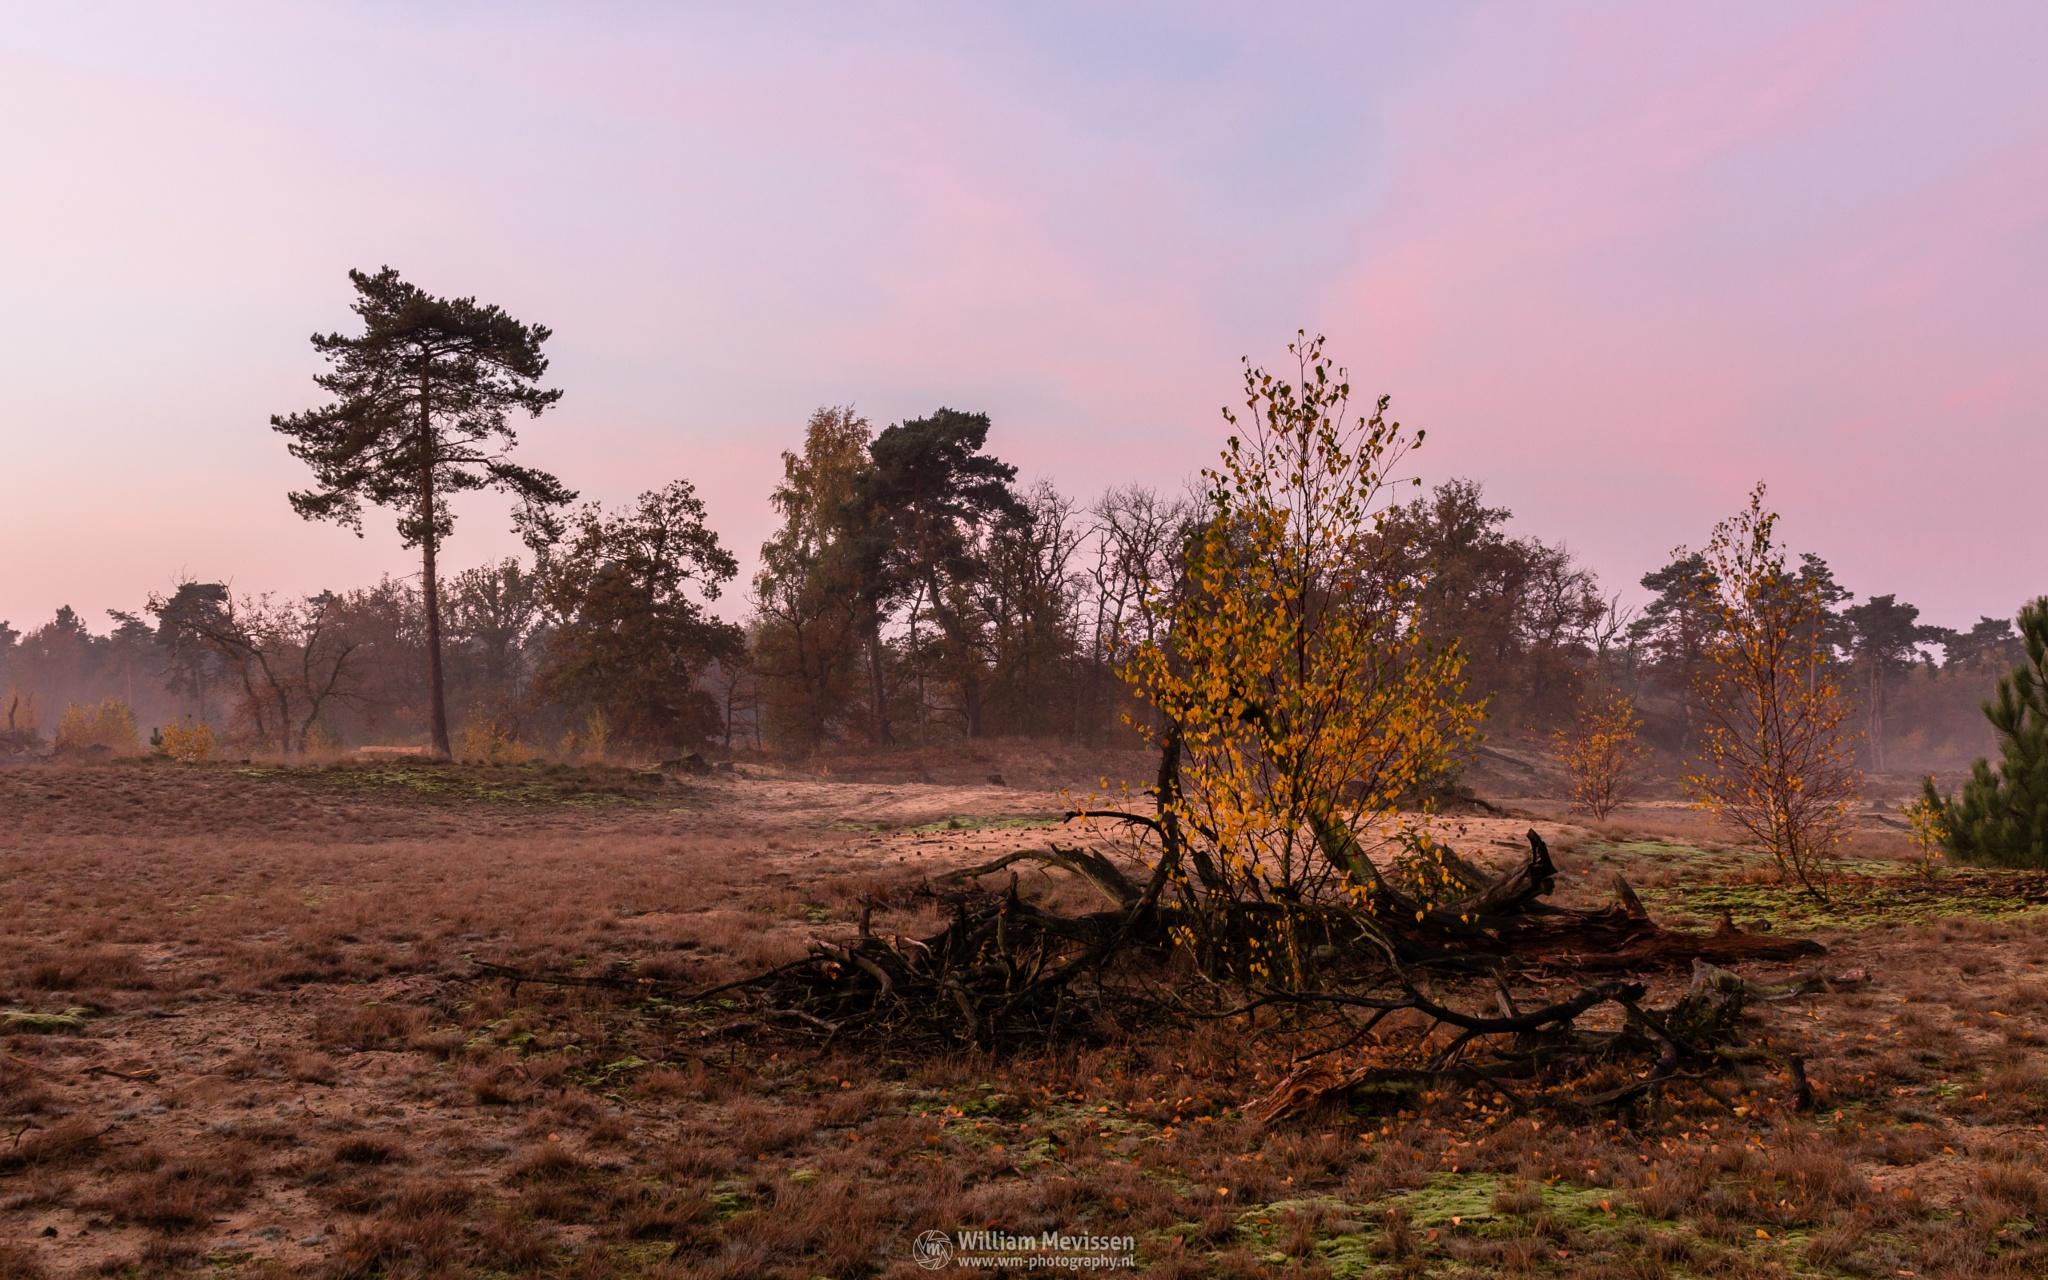 Misty Autumn Twilight  by William Mevissen